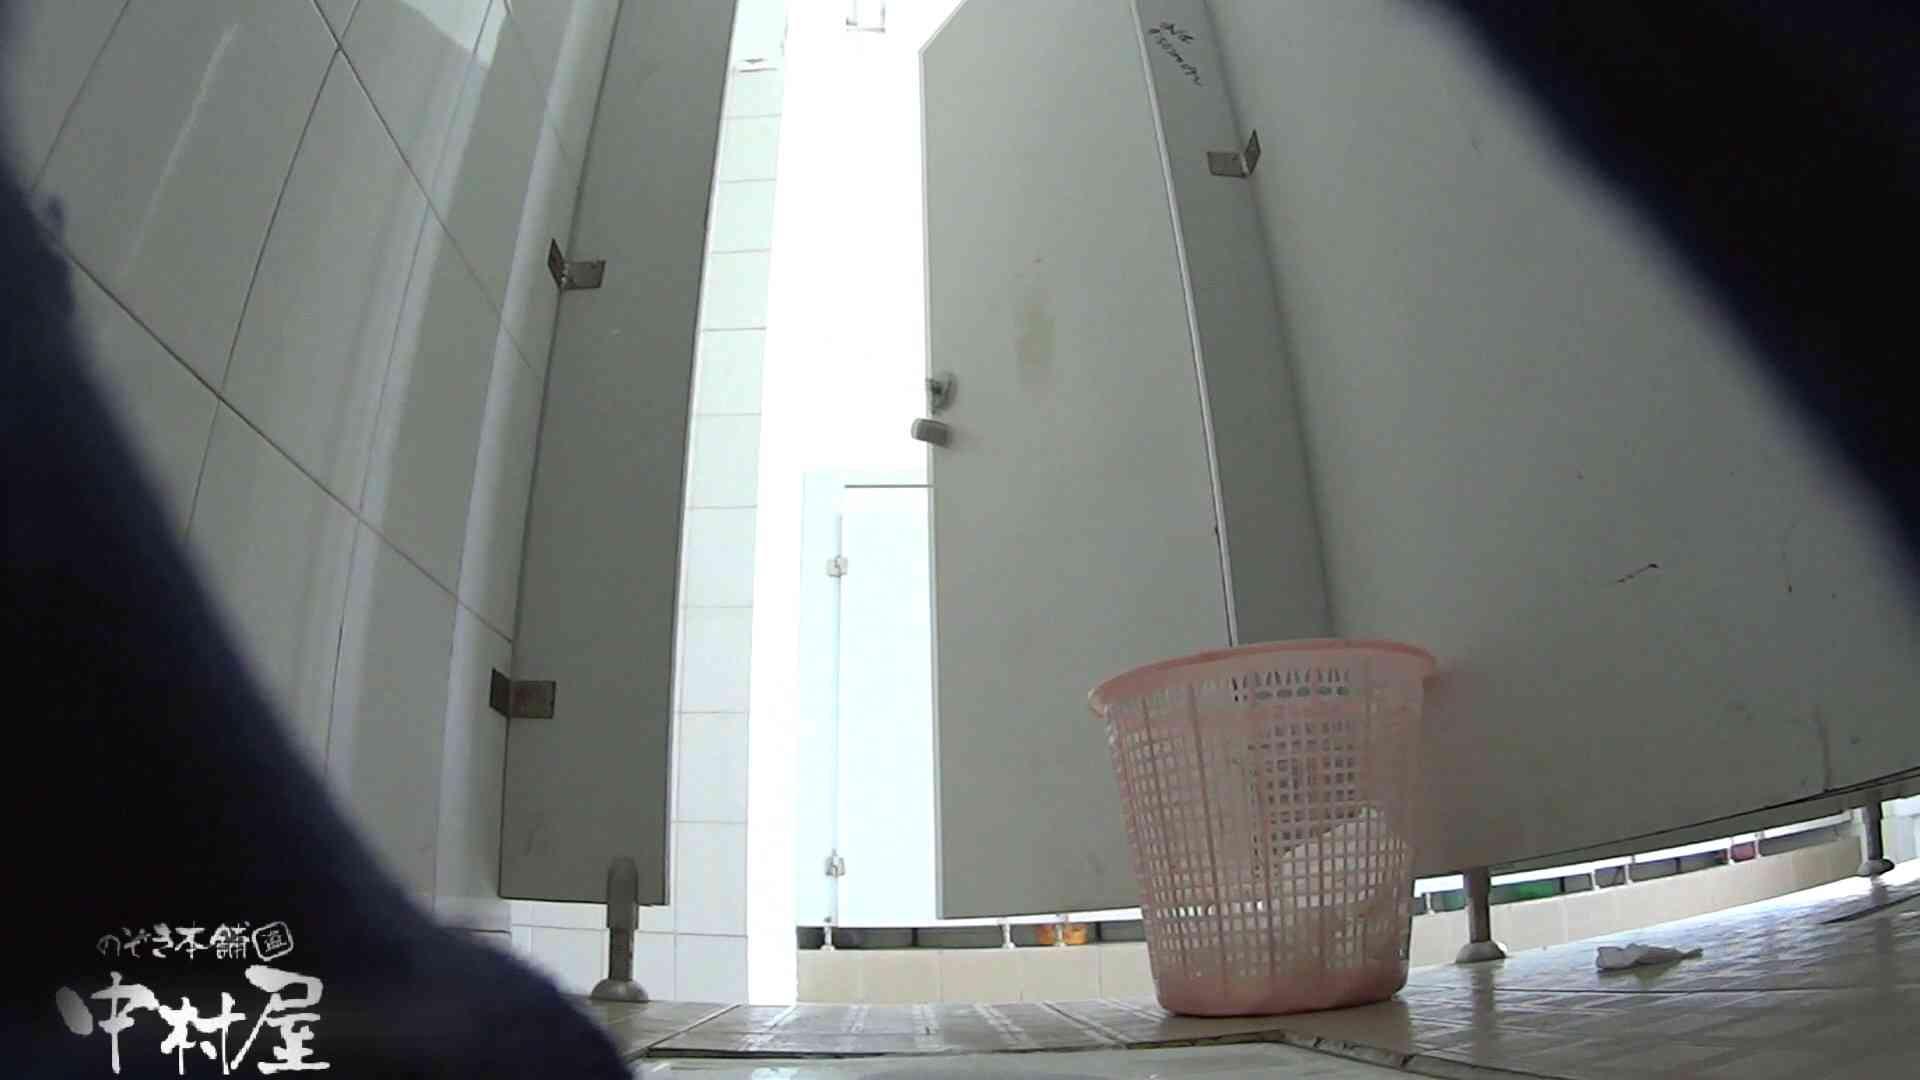 名大学休憩時間の洗面所事情01 盗撮映像  85Pix 24